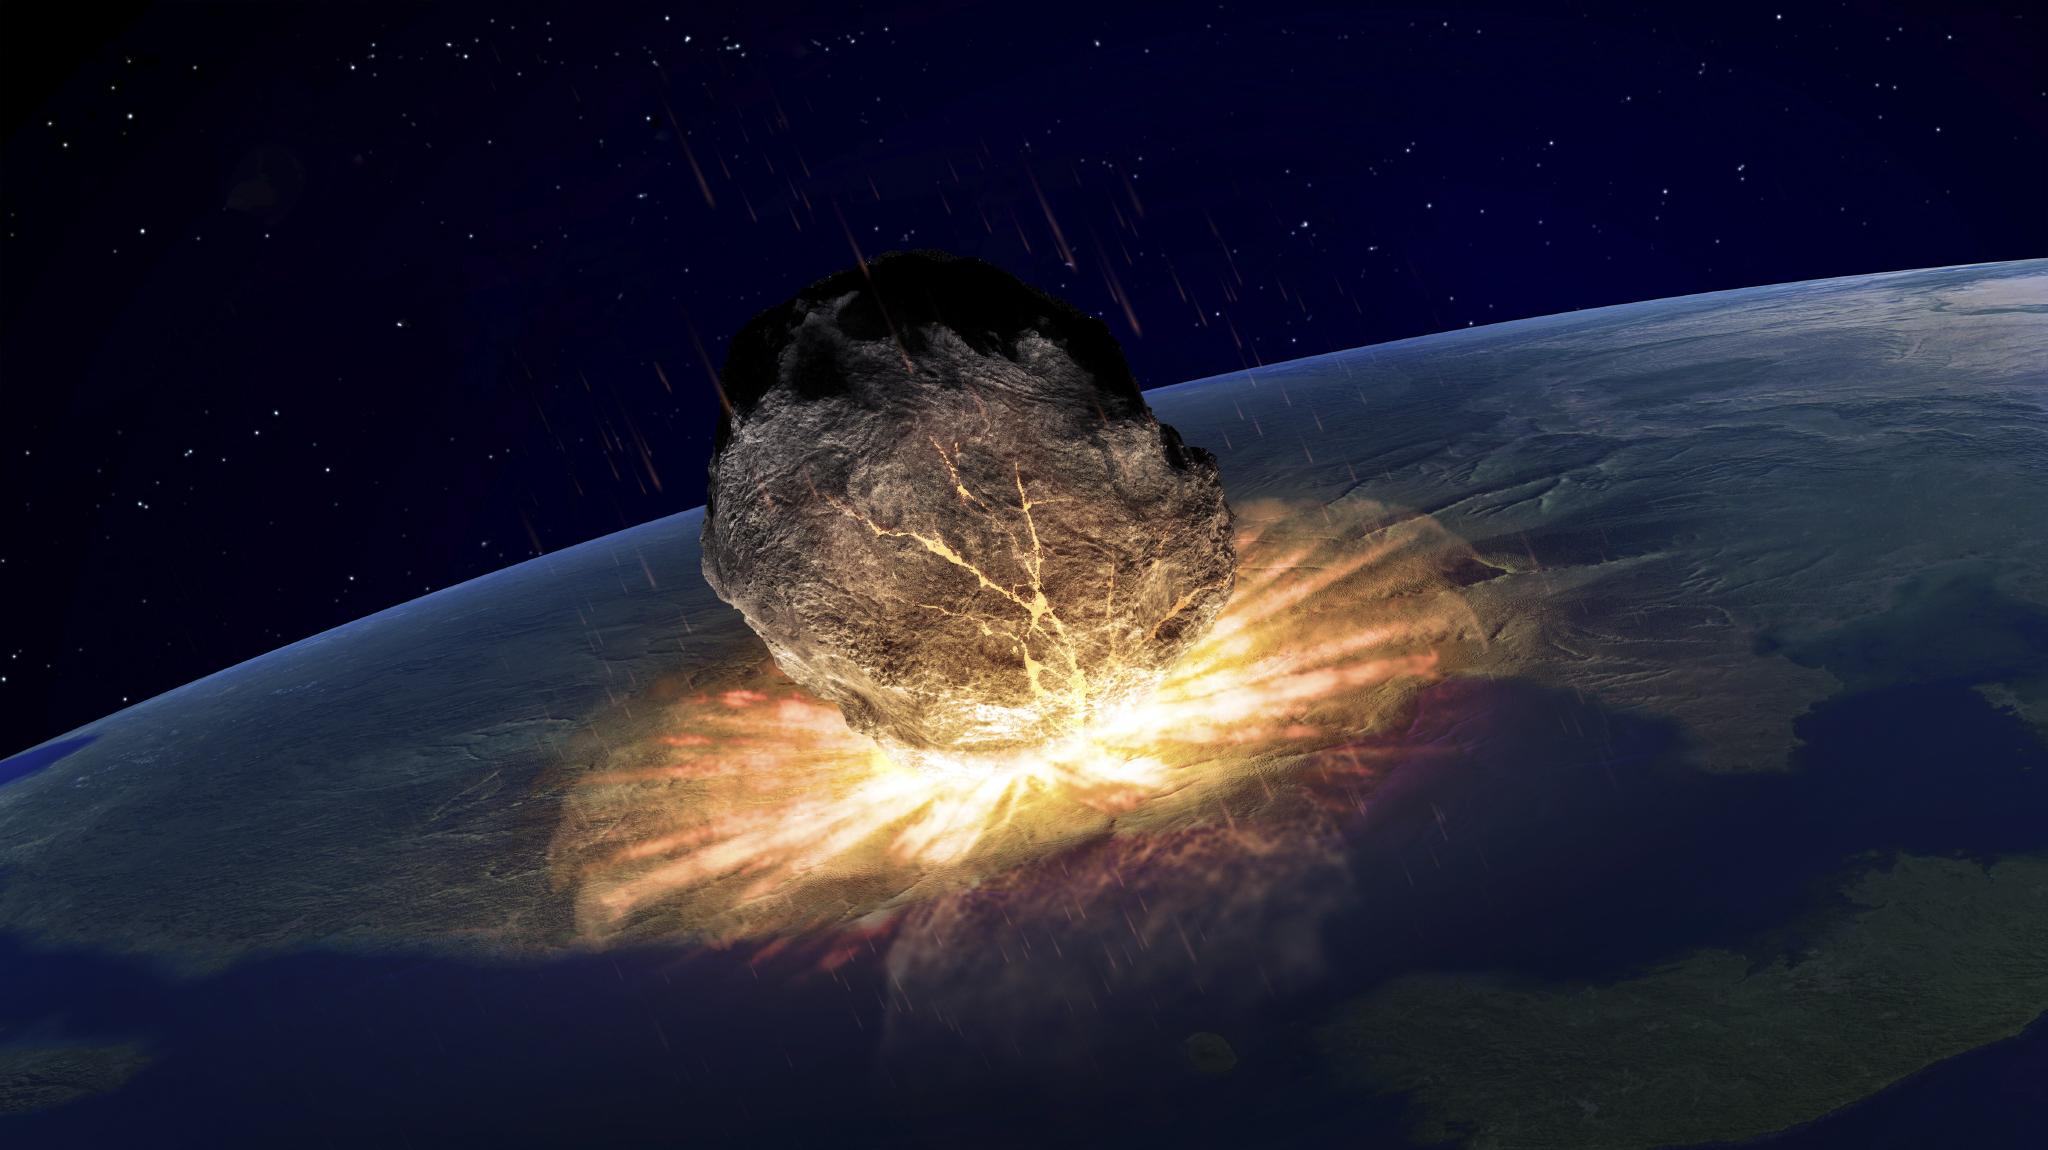 Мимо Земли набольшой скорости пронесется километровый астероид